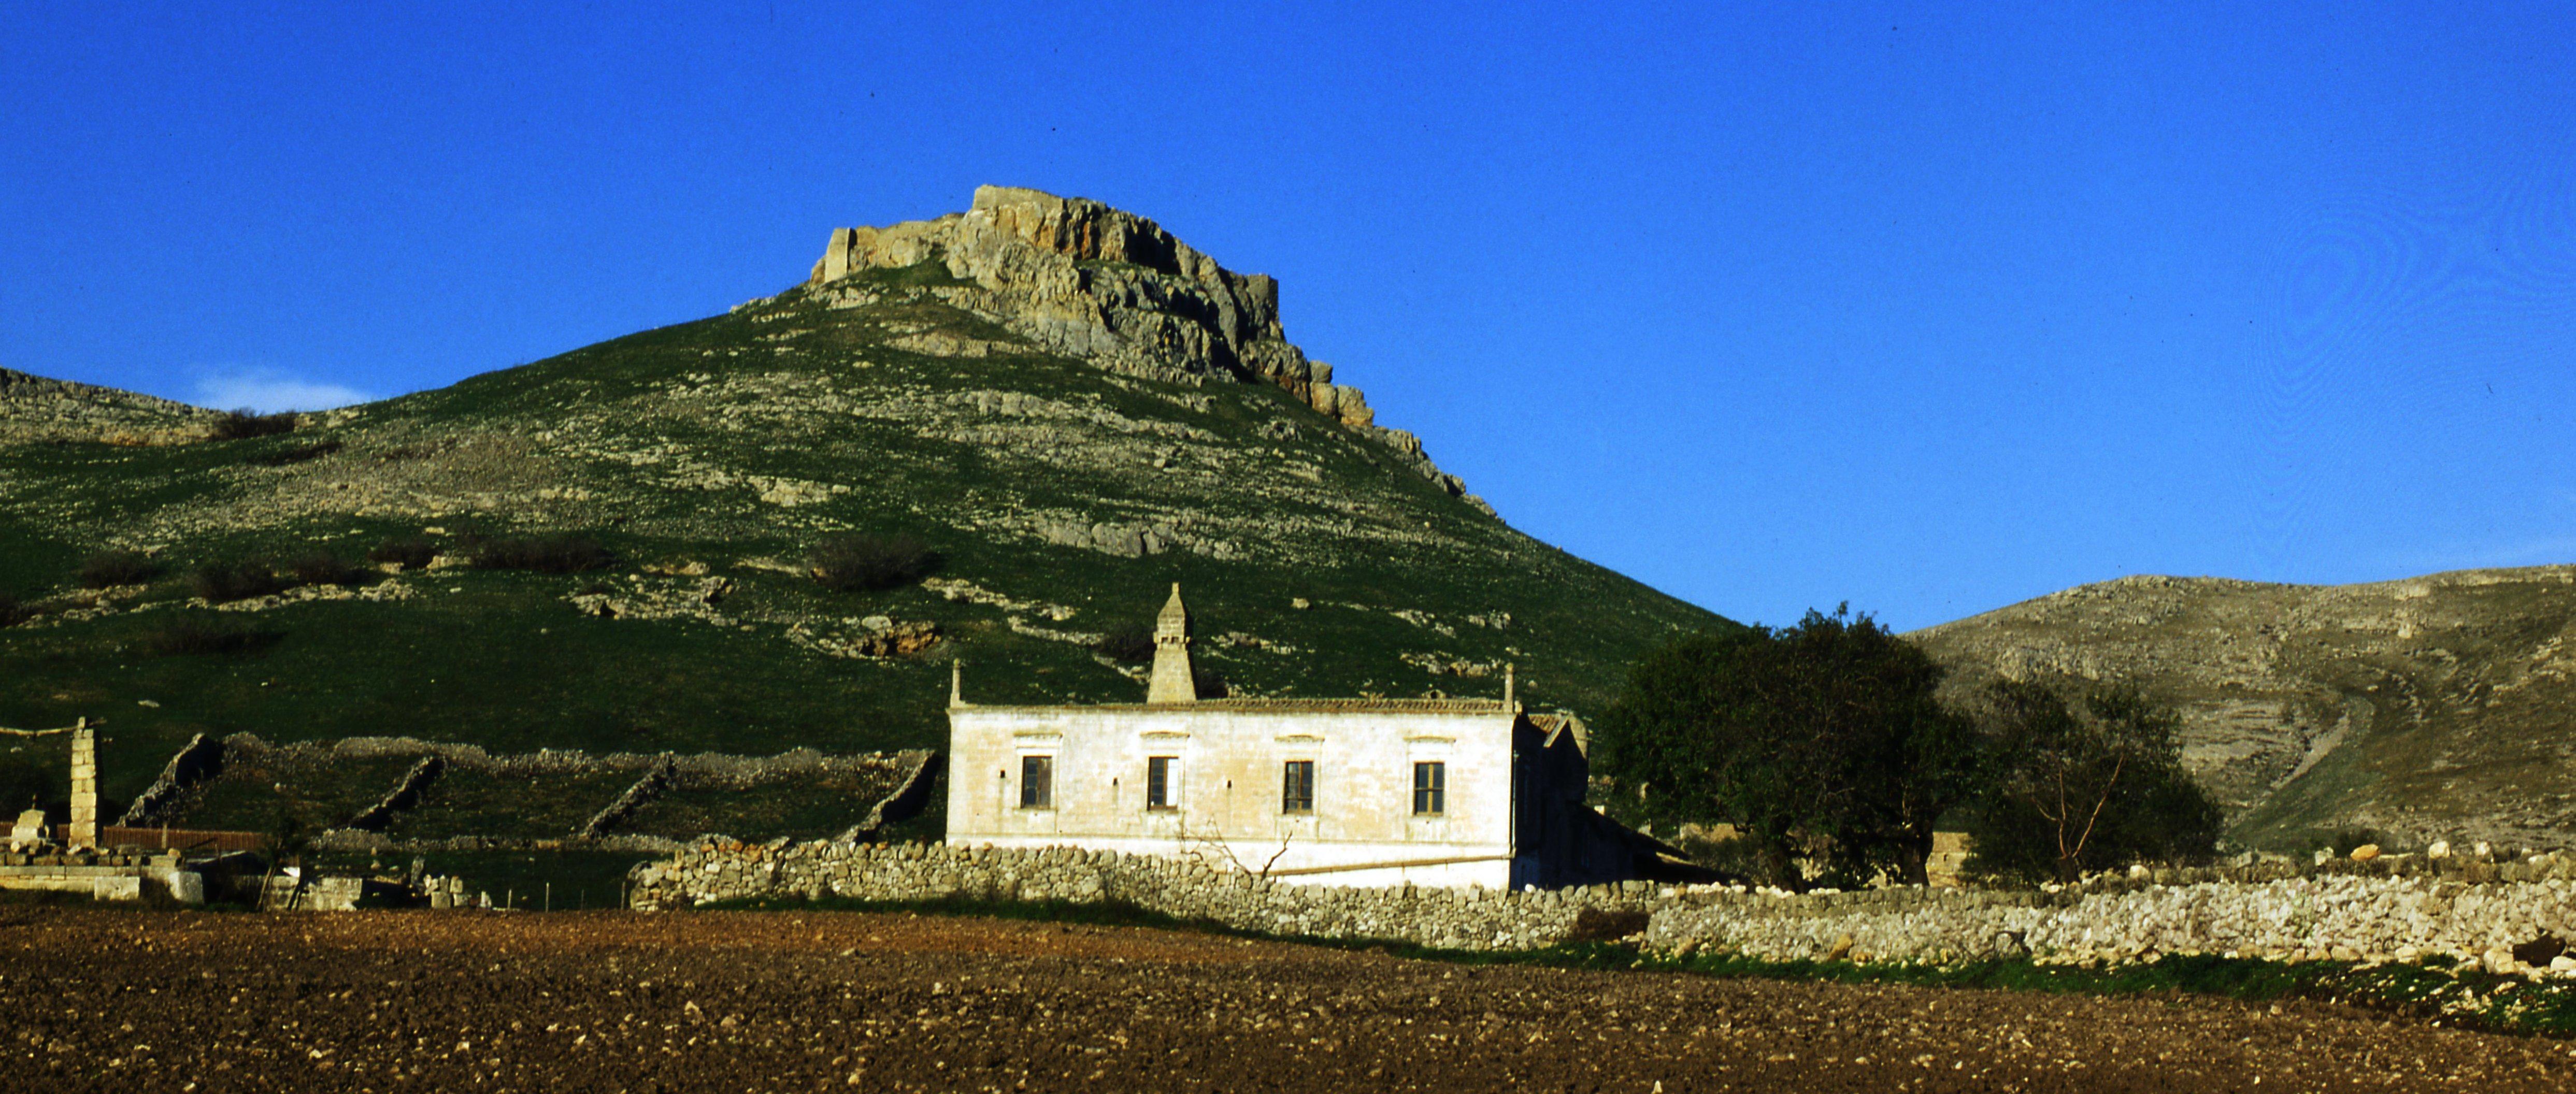 Castello di Garagnone, Spinazzola